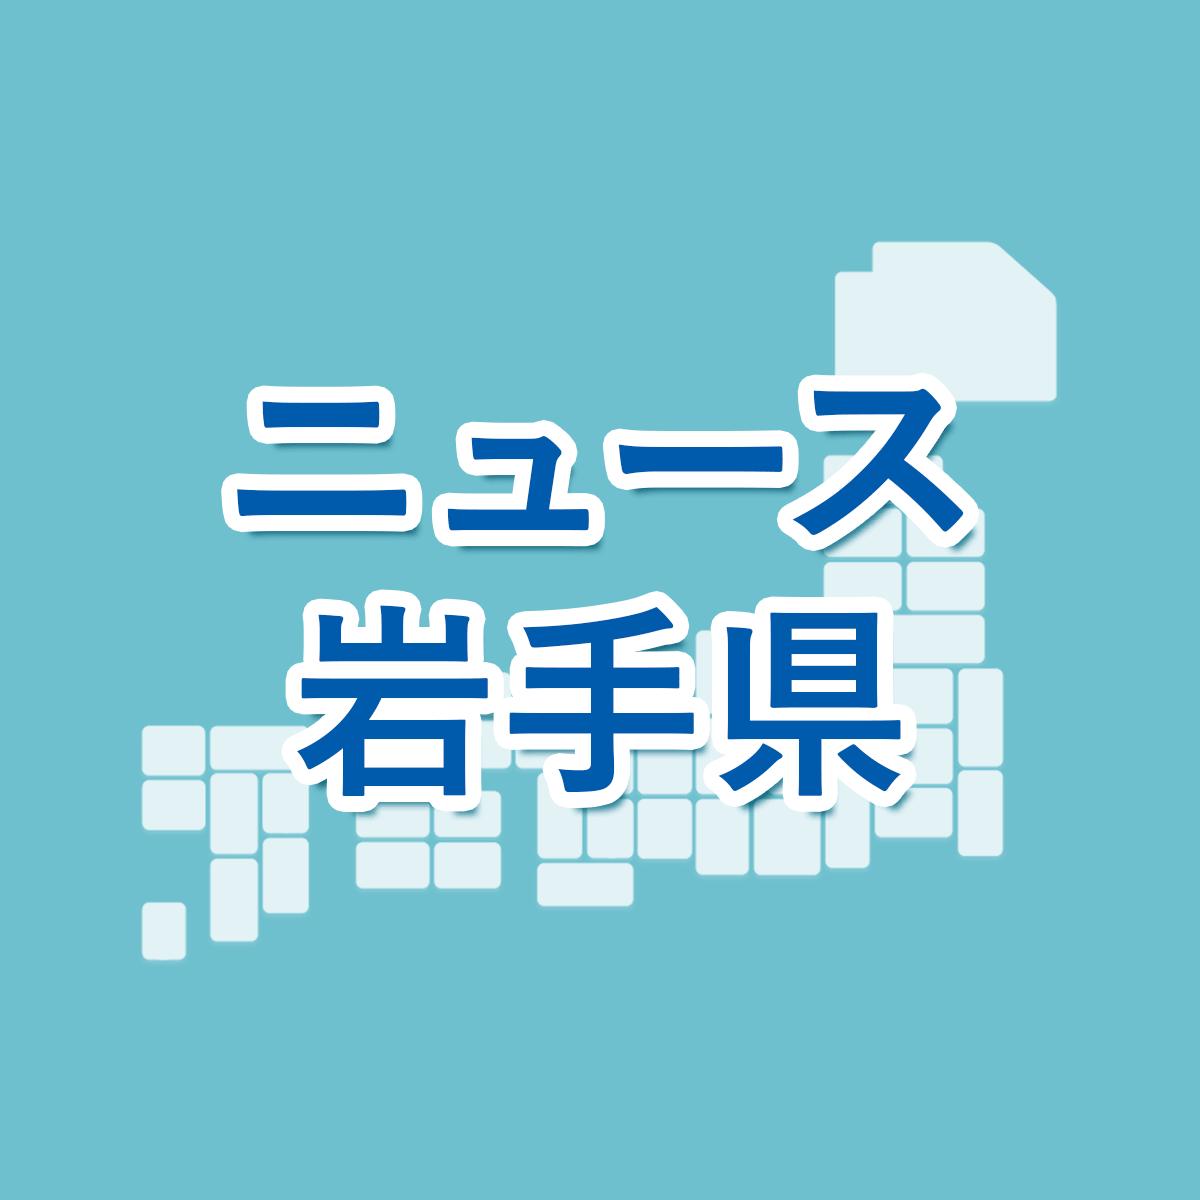 2021 高校 倍率 岩手 県